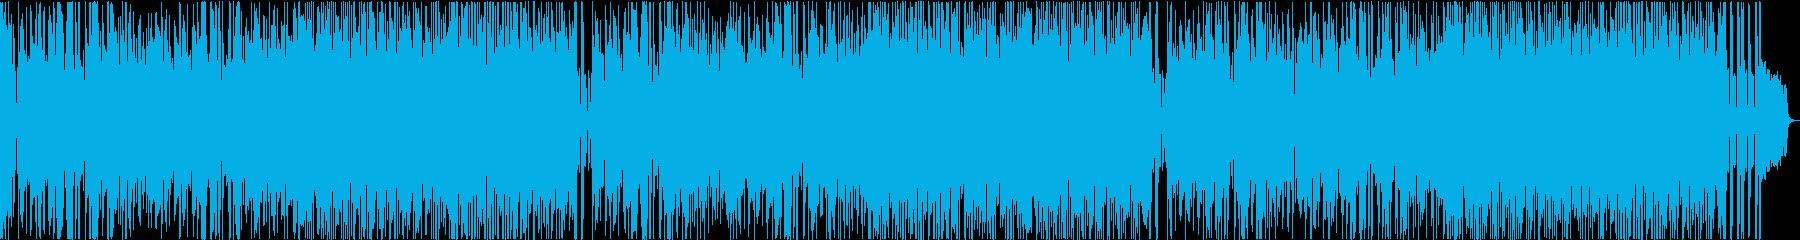 軽いノリのポップスBGMの再生済みの波形